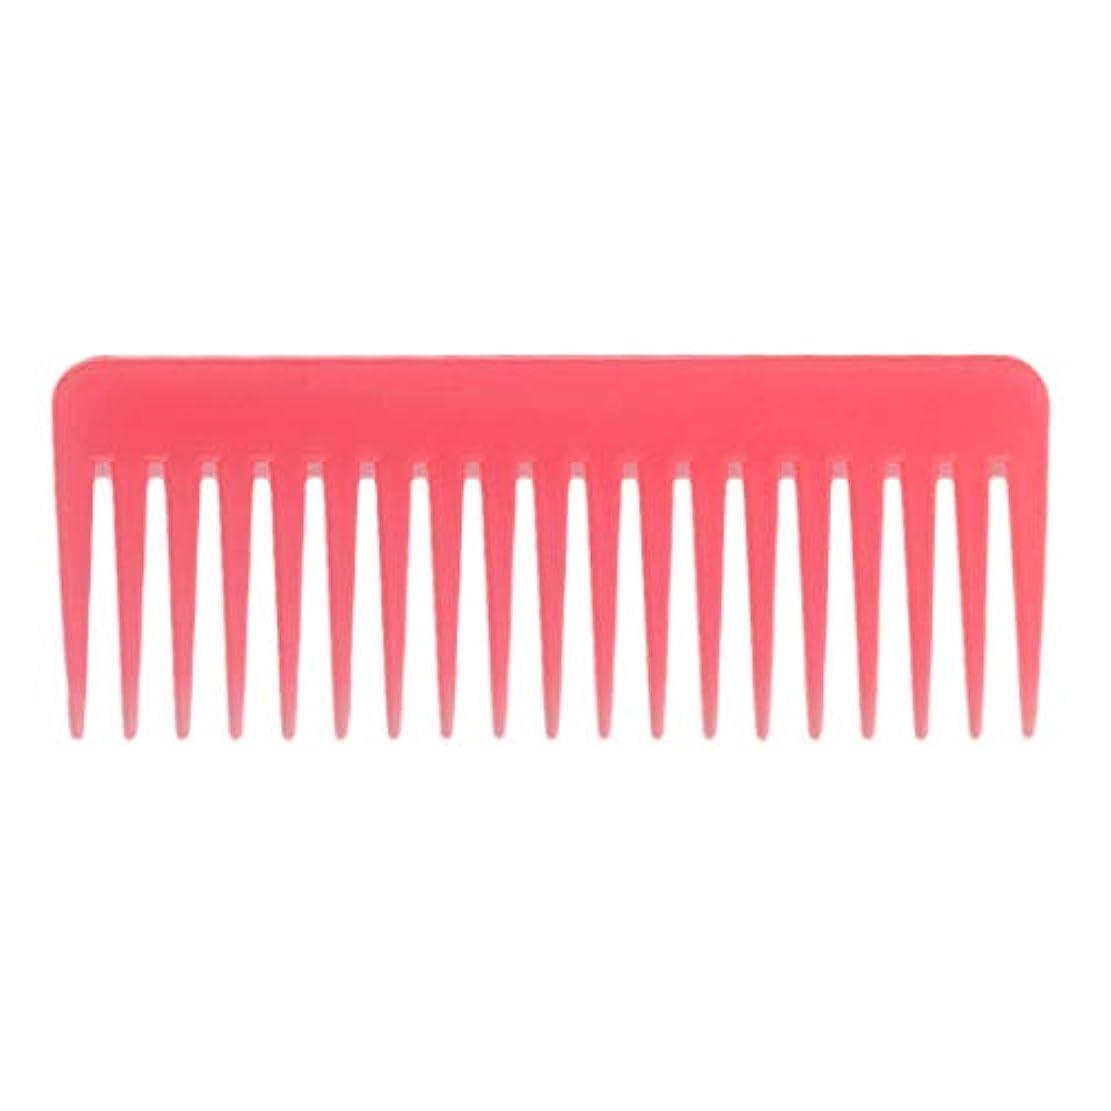 理由学習象Toygogo 巻き毛の太い髪用の広い歯のもつれのくしサロンシャンプーヘアブラシくし、6.1 ' - ピンク